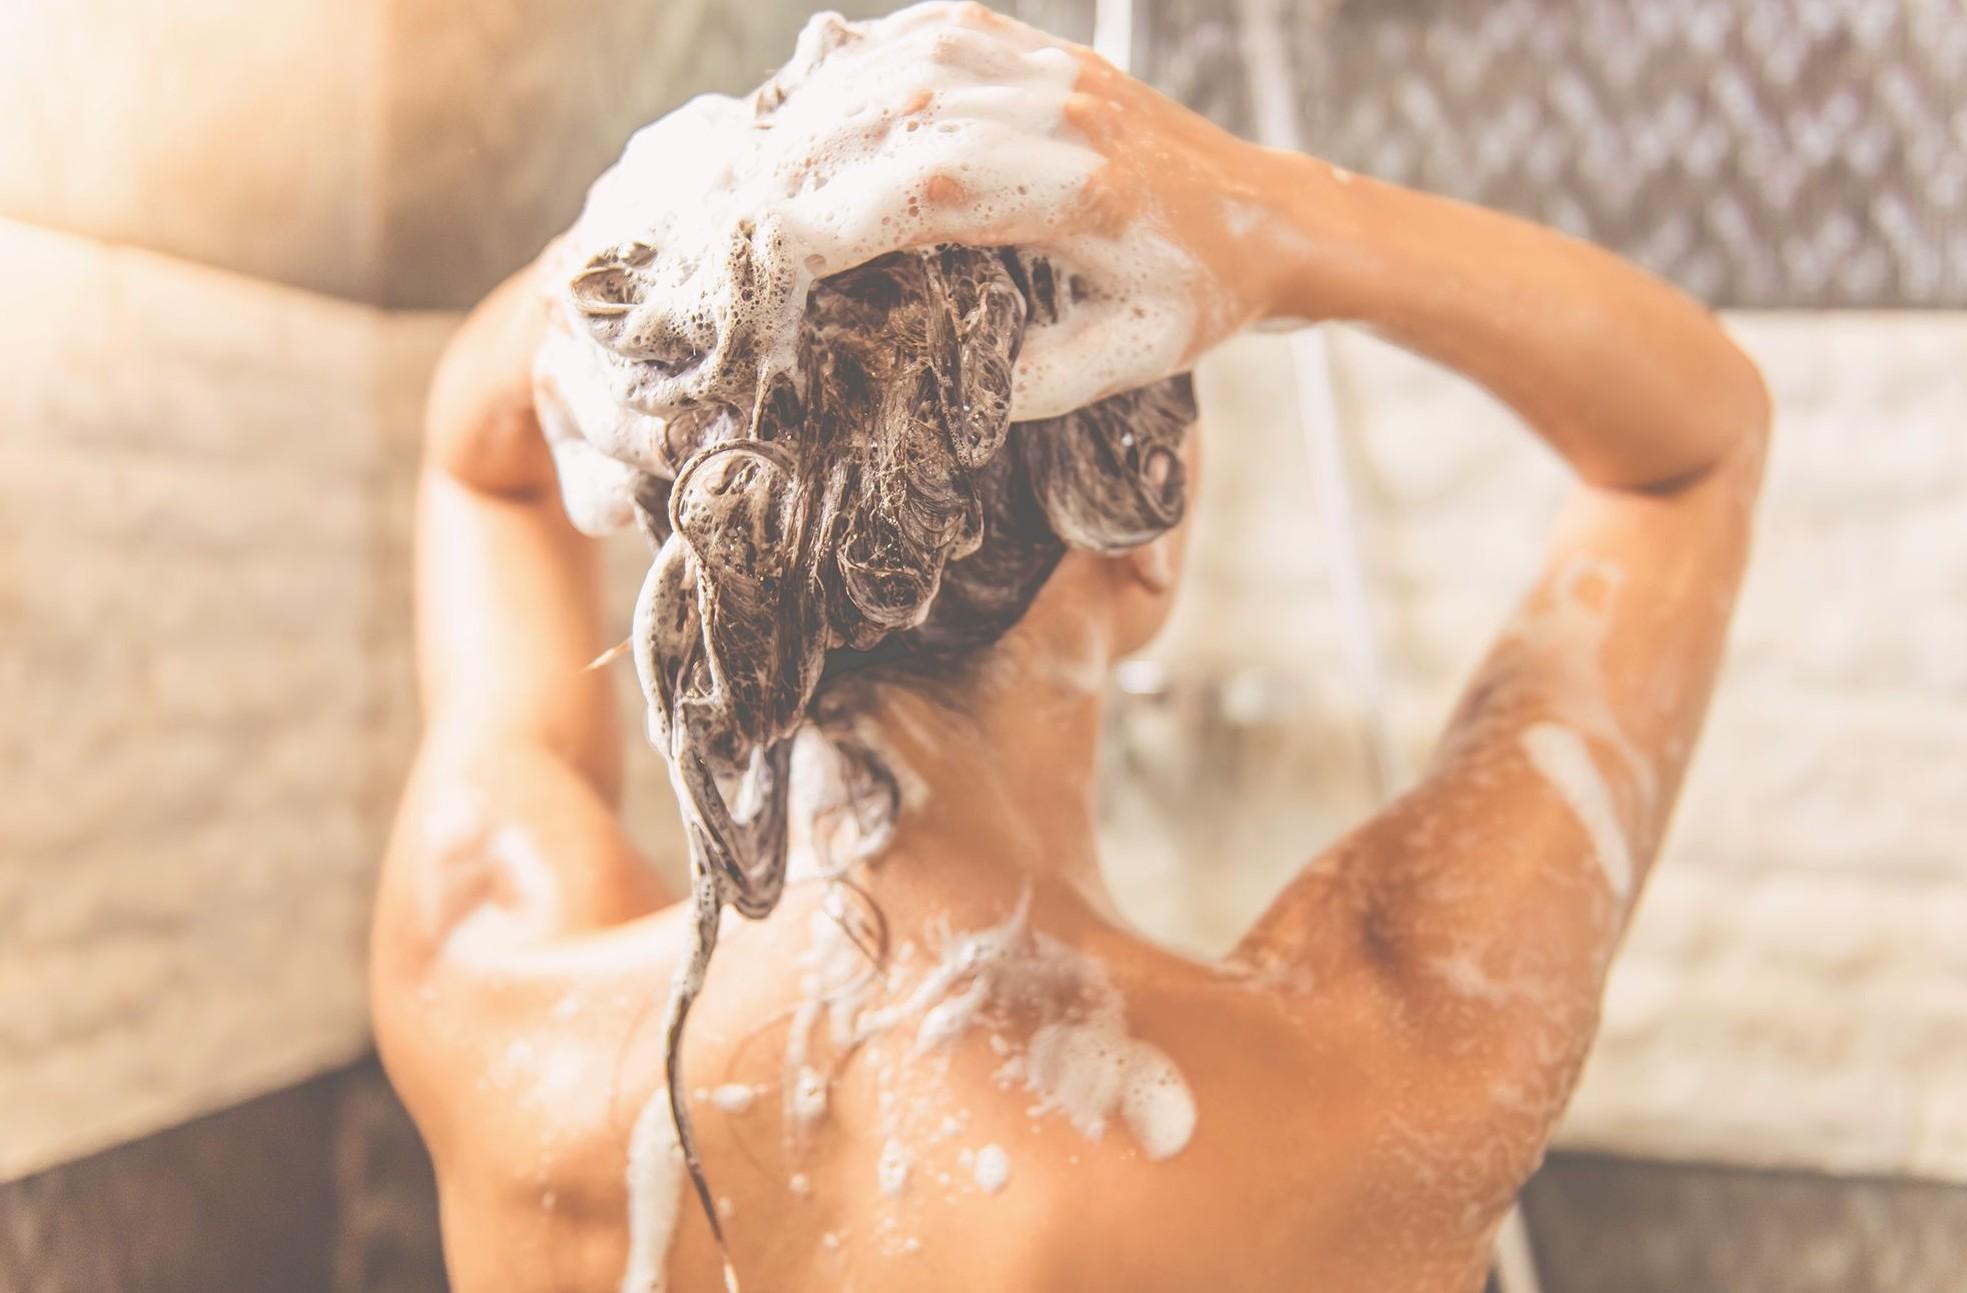 Doccia, pelle e abbronzatura come non ro